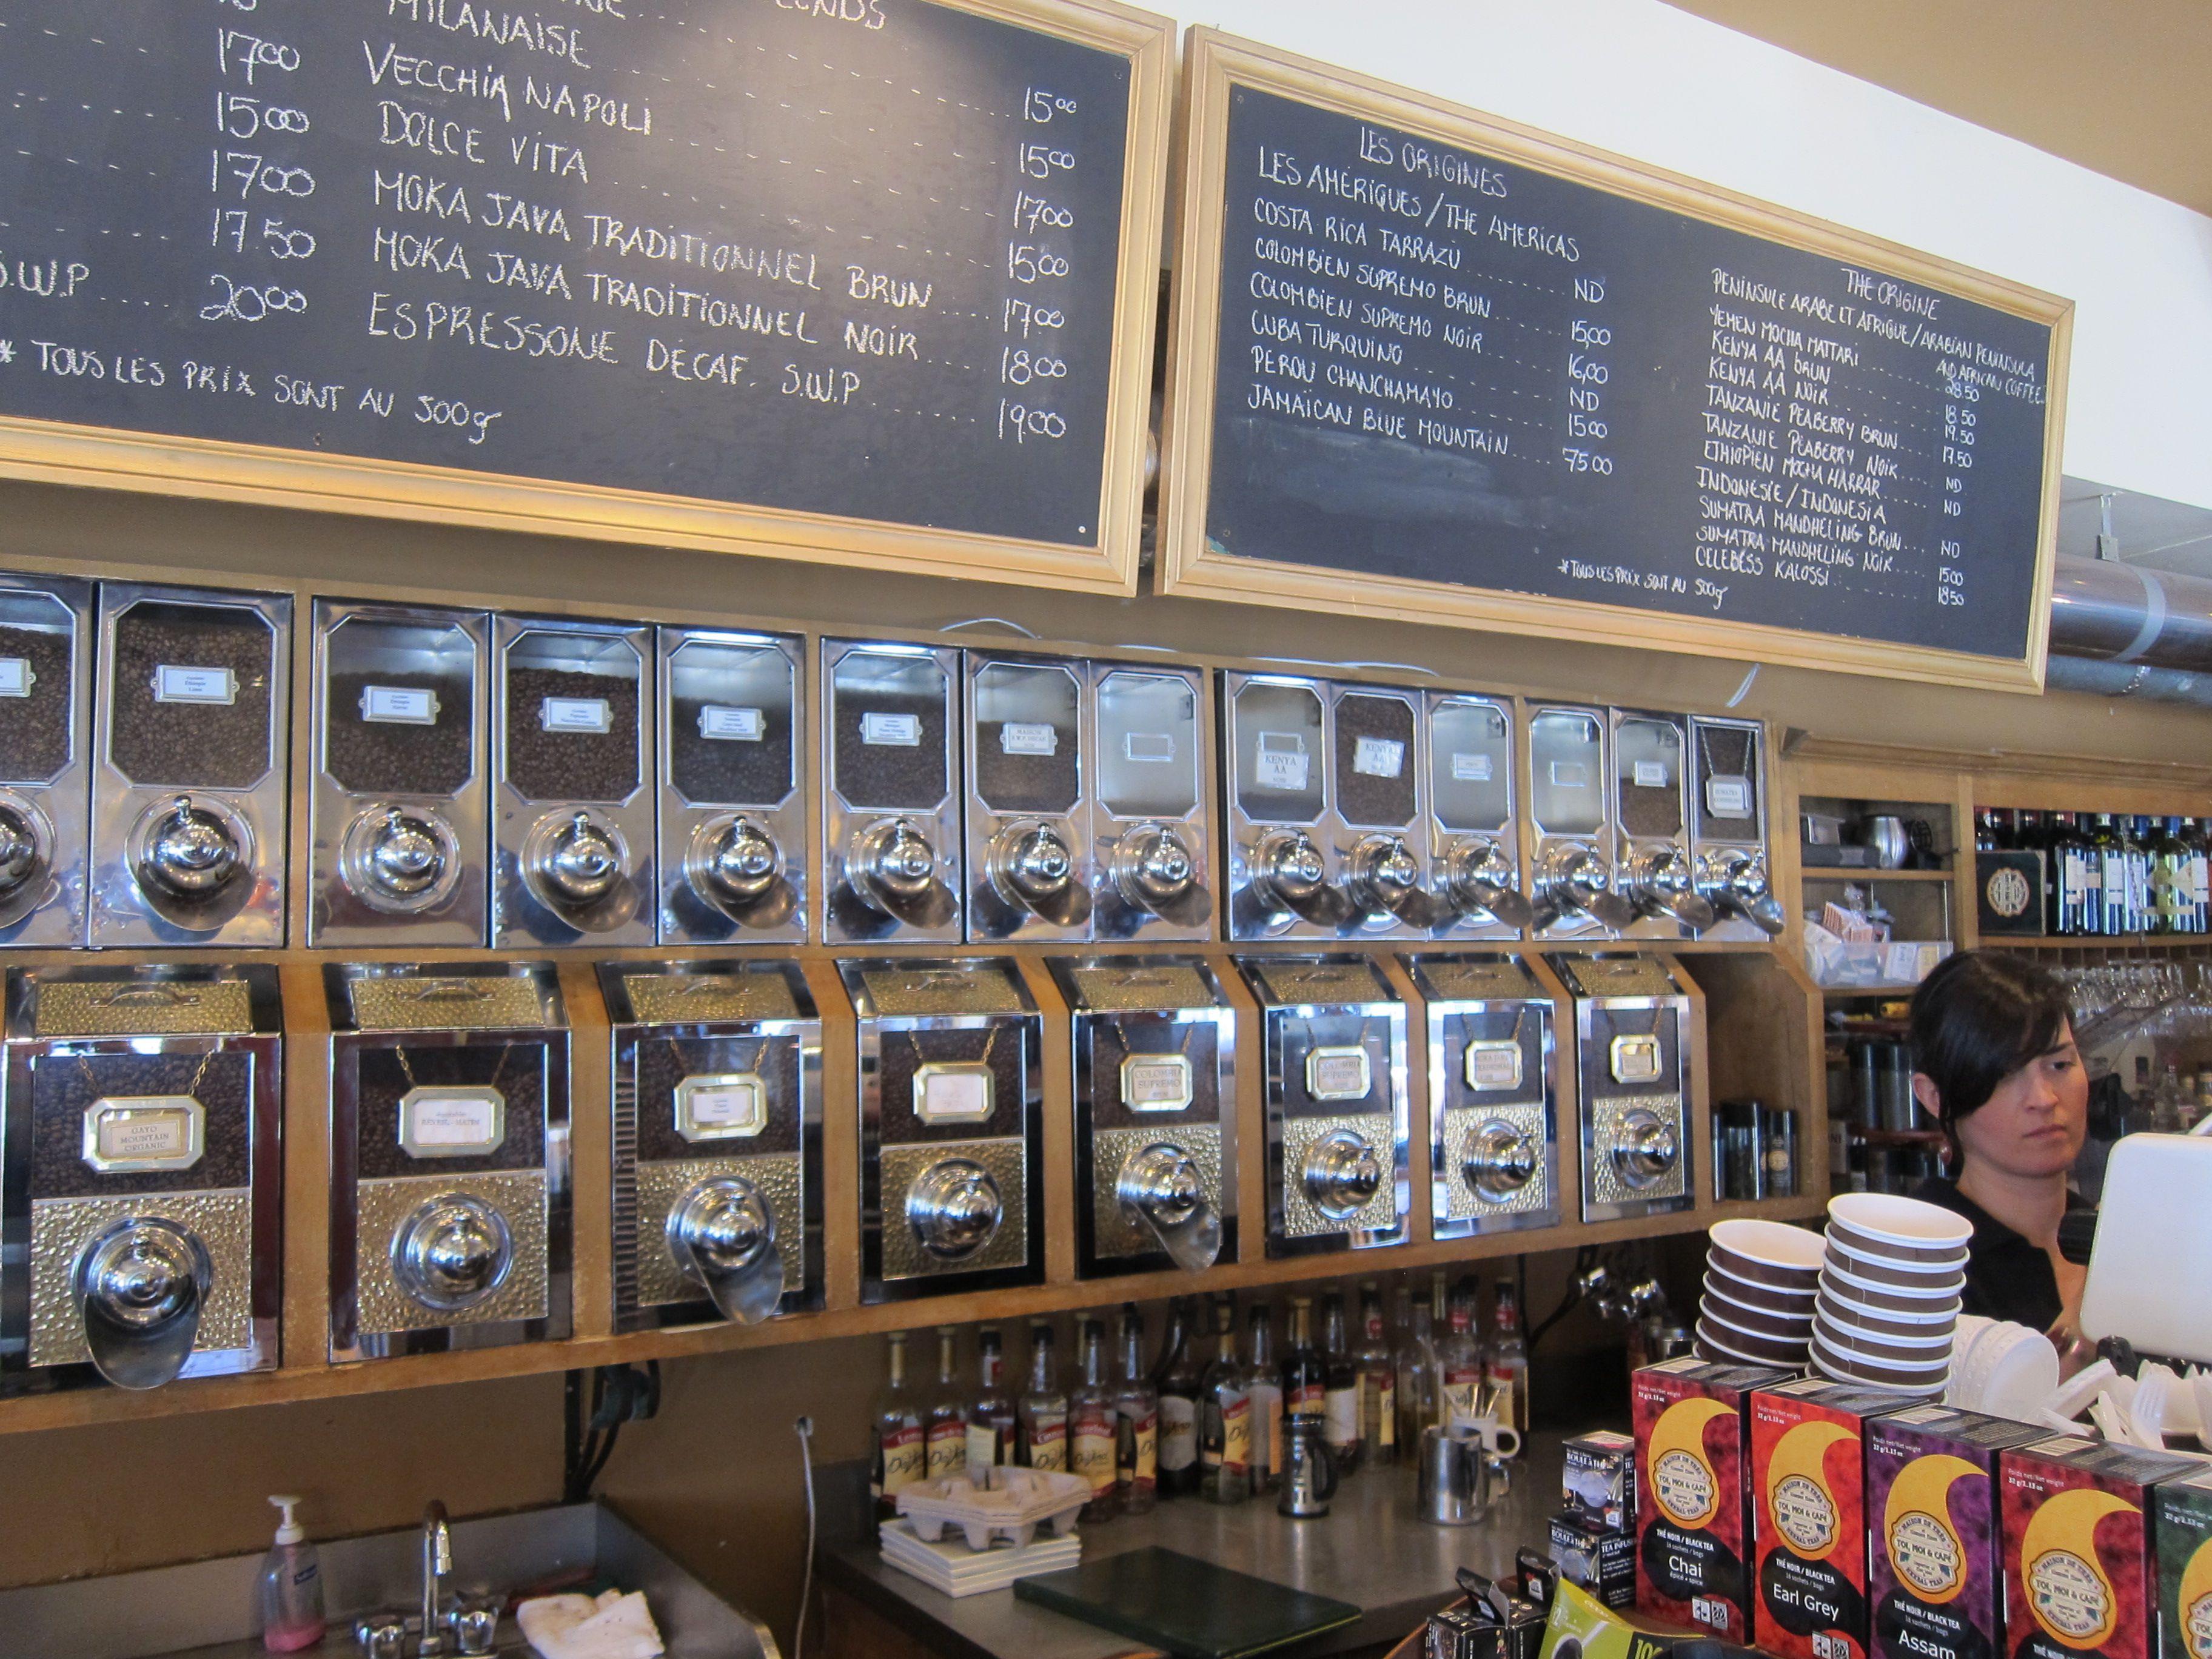 les meilleurs caf u00e9s pour  u00e9tudier  u00e0 montr u00e9al  avec wi